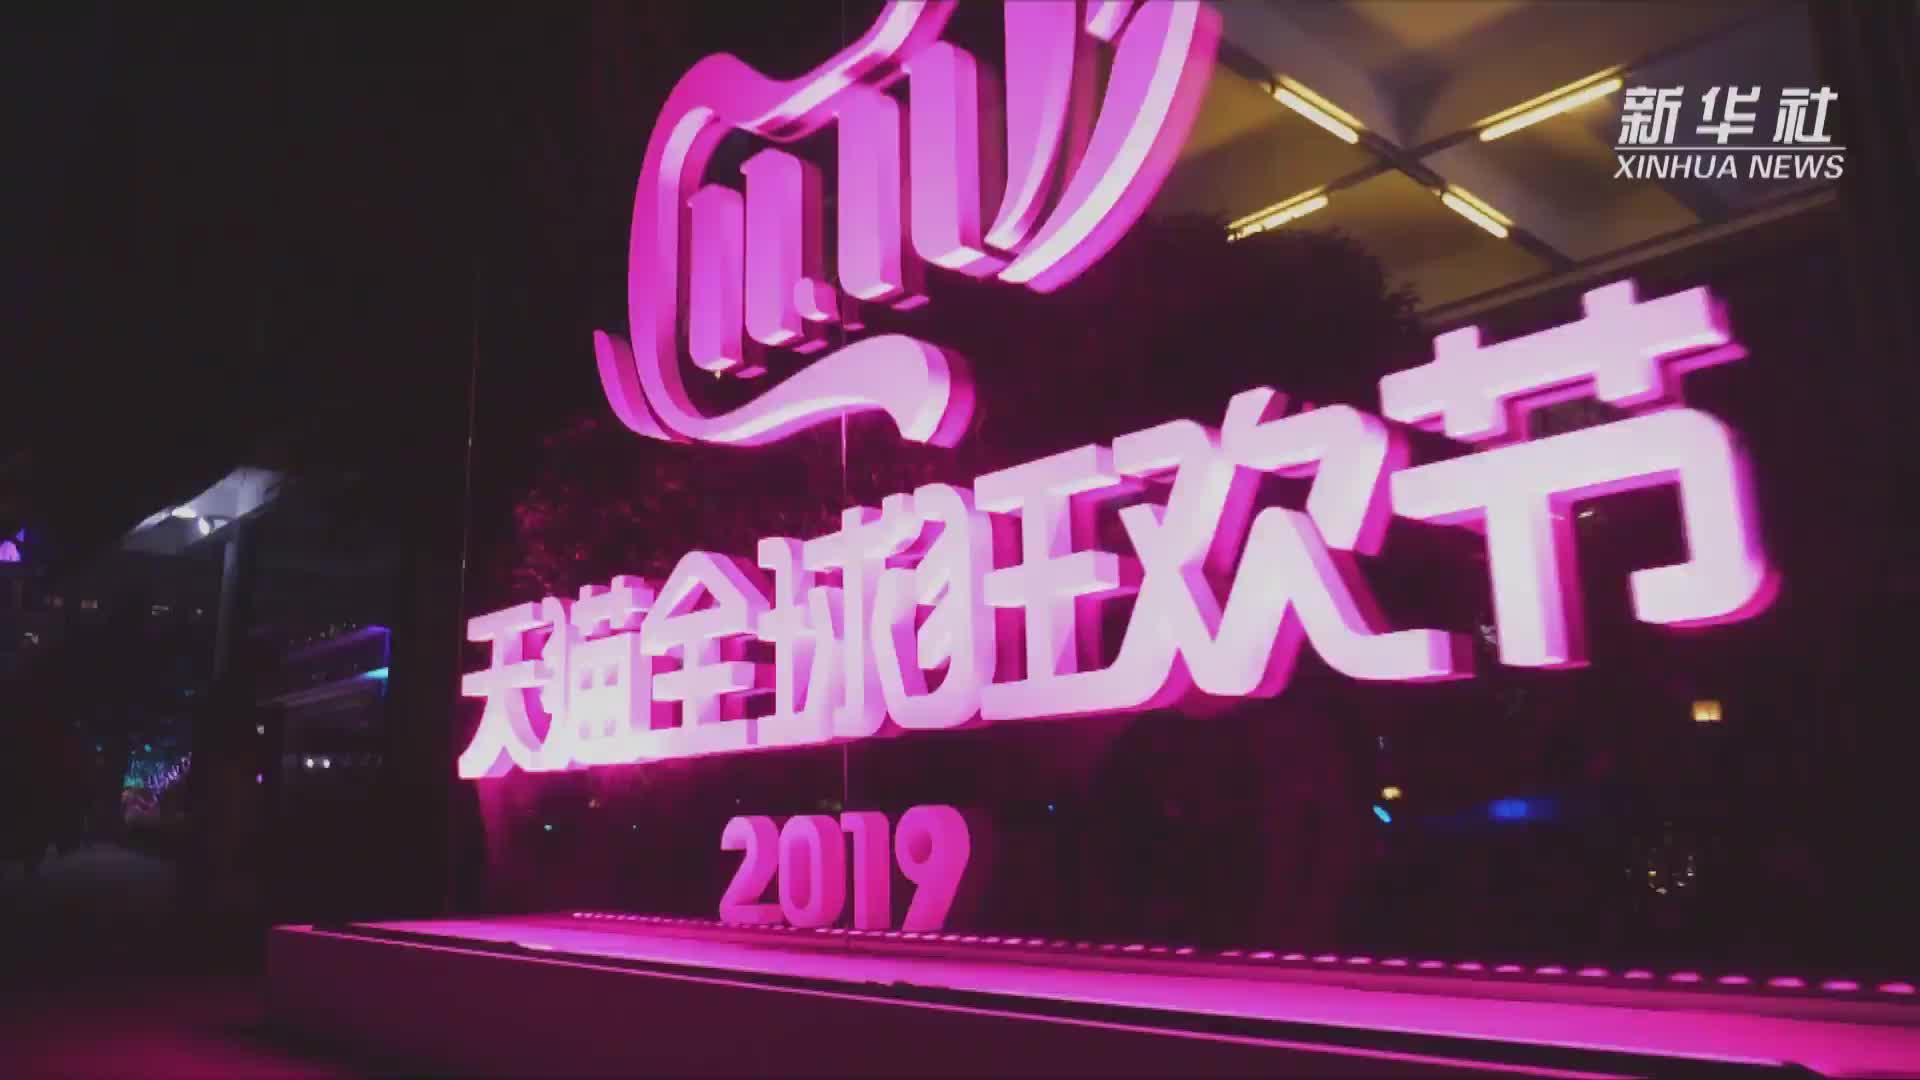 """双11""""11年:中国迈向消费大国的鲜明印记"""